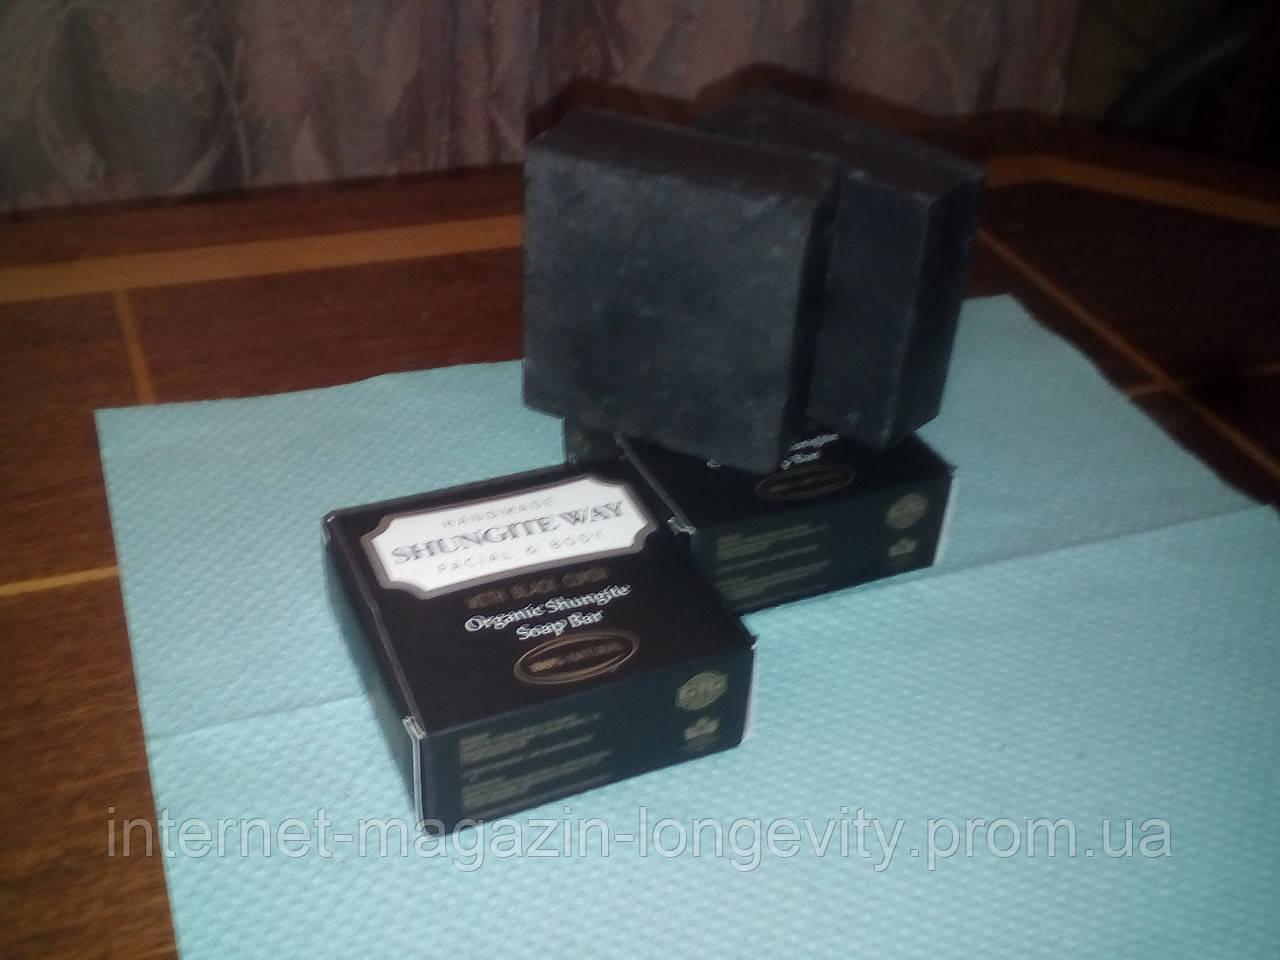 Чорне шунгітовемило - цілющі властивості широкого спектру дії.